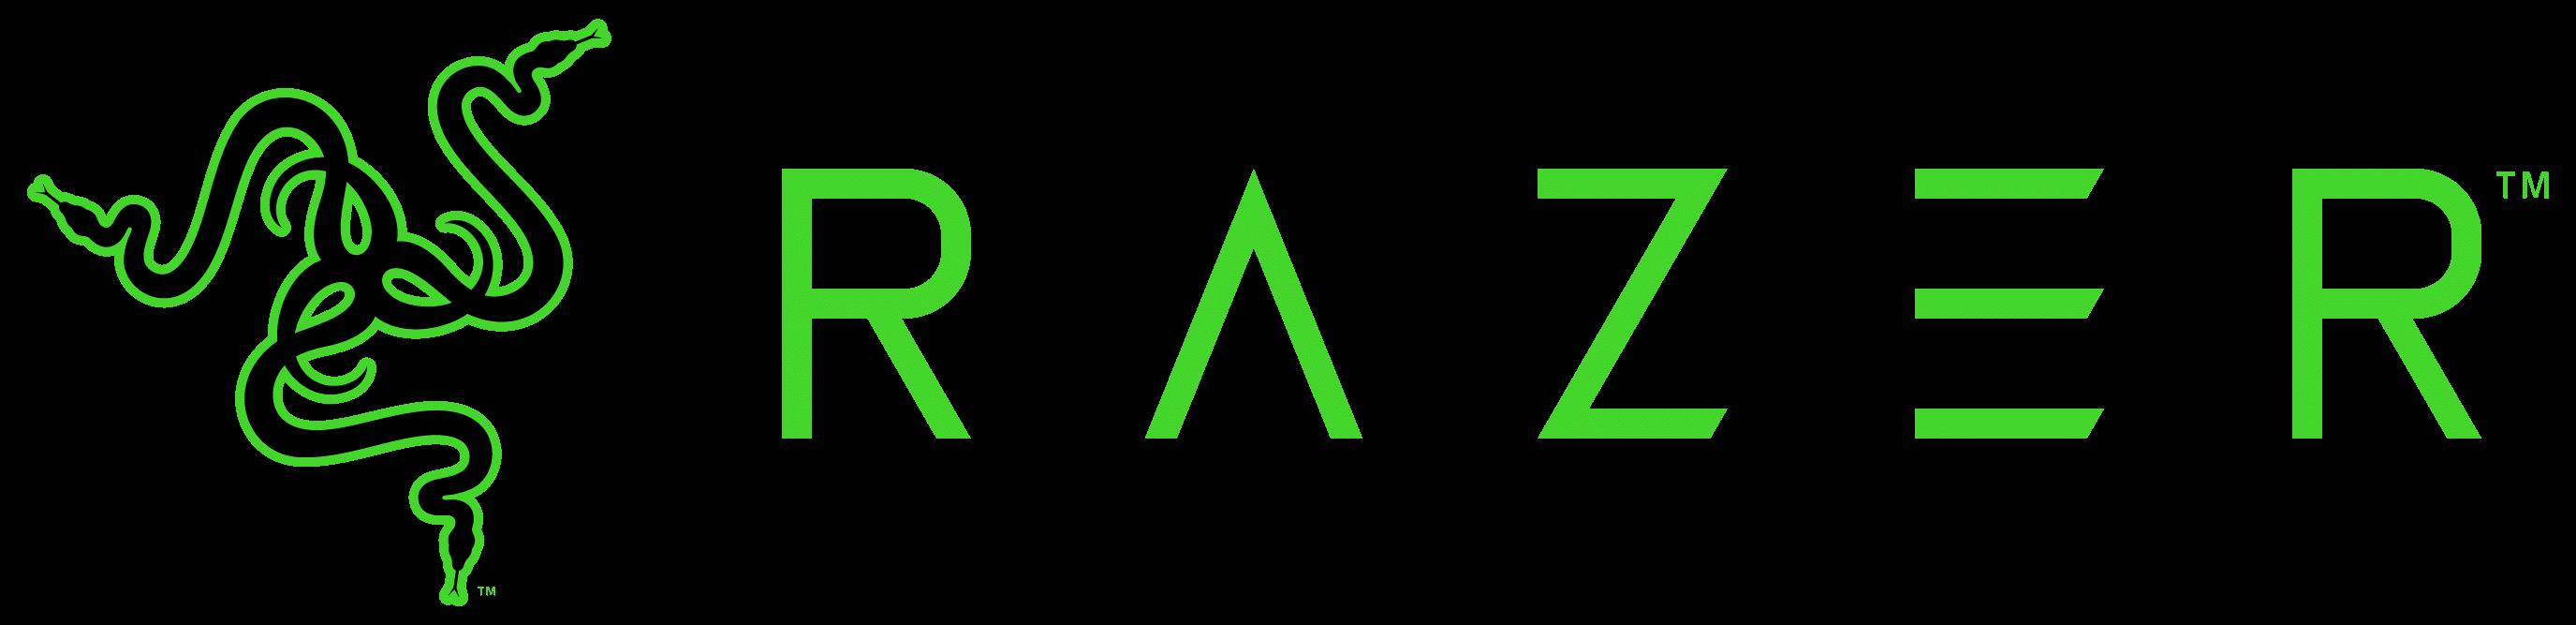 The Razer logo.